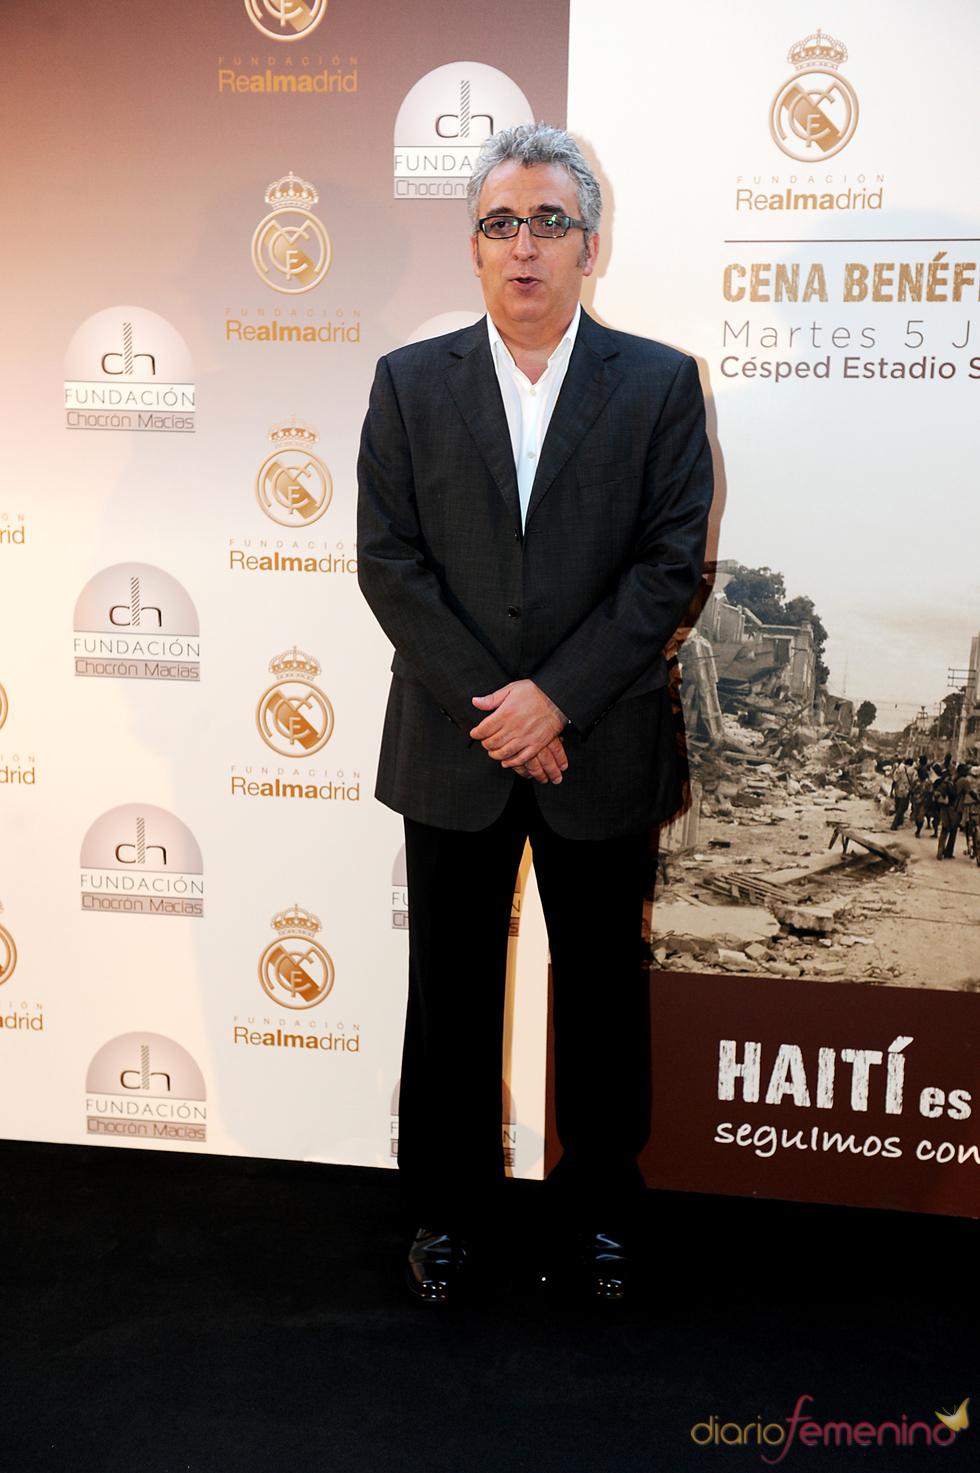 Leo Harlen en una cena benéfica celebrada en el Bernabéu